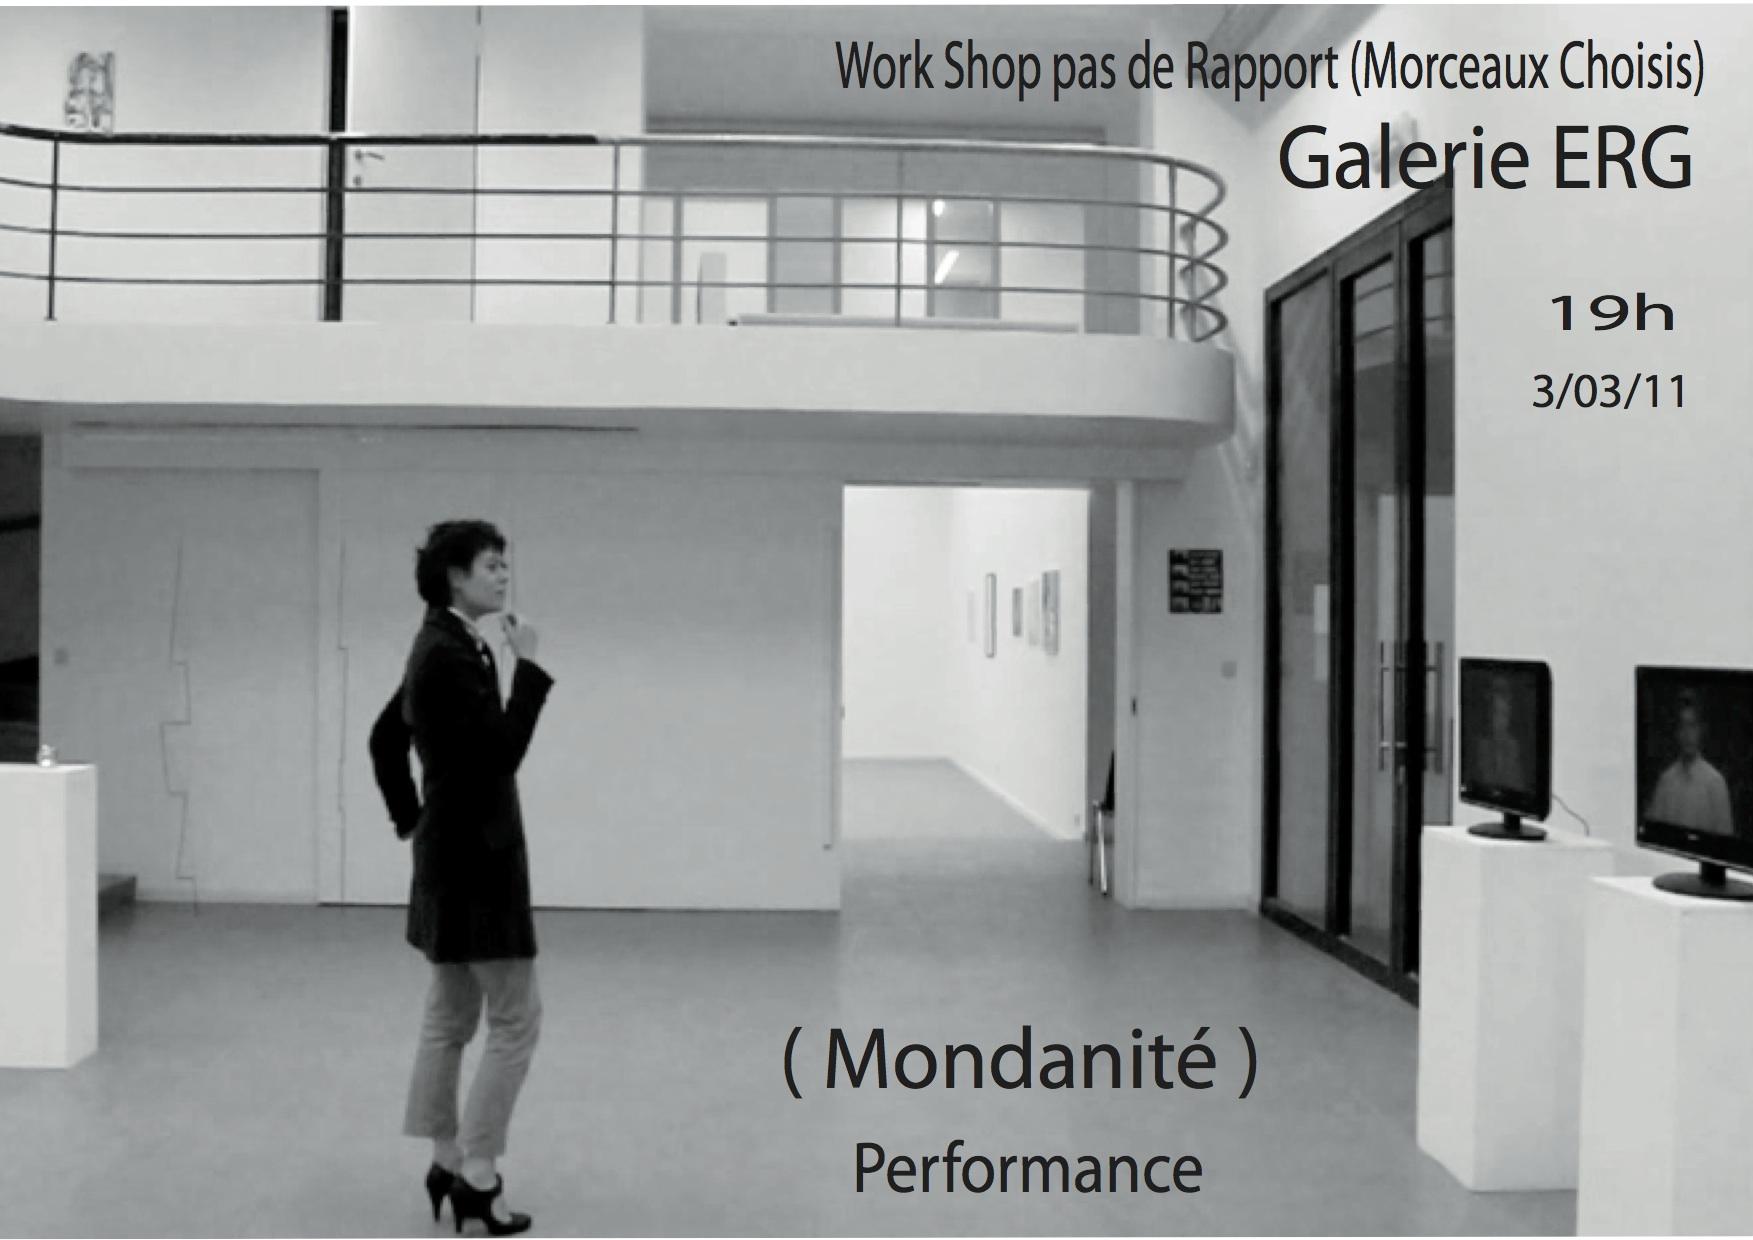 affiche work shop